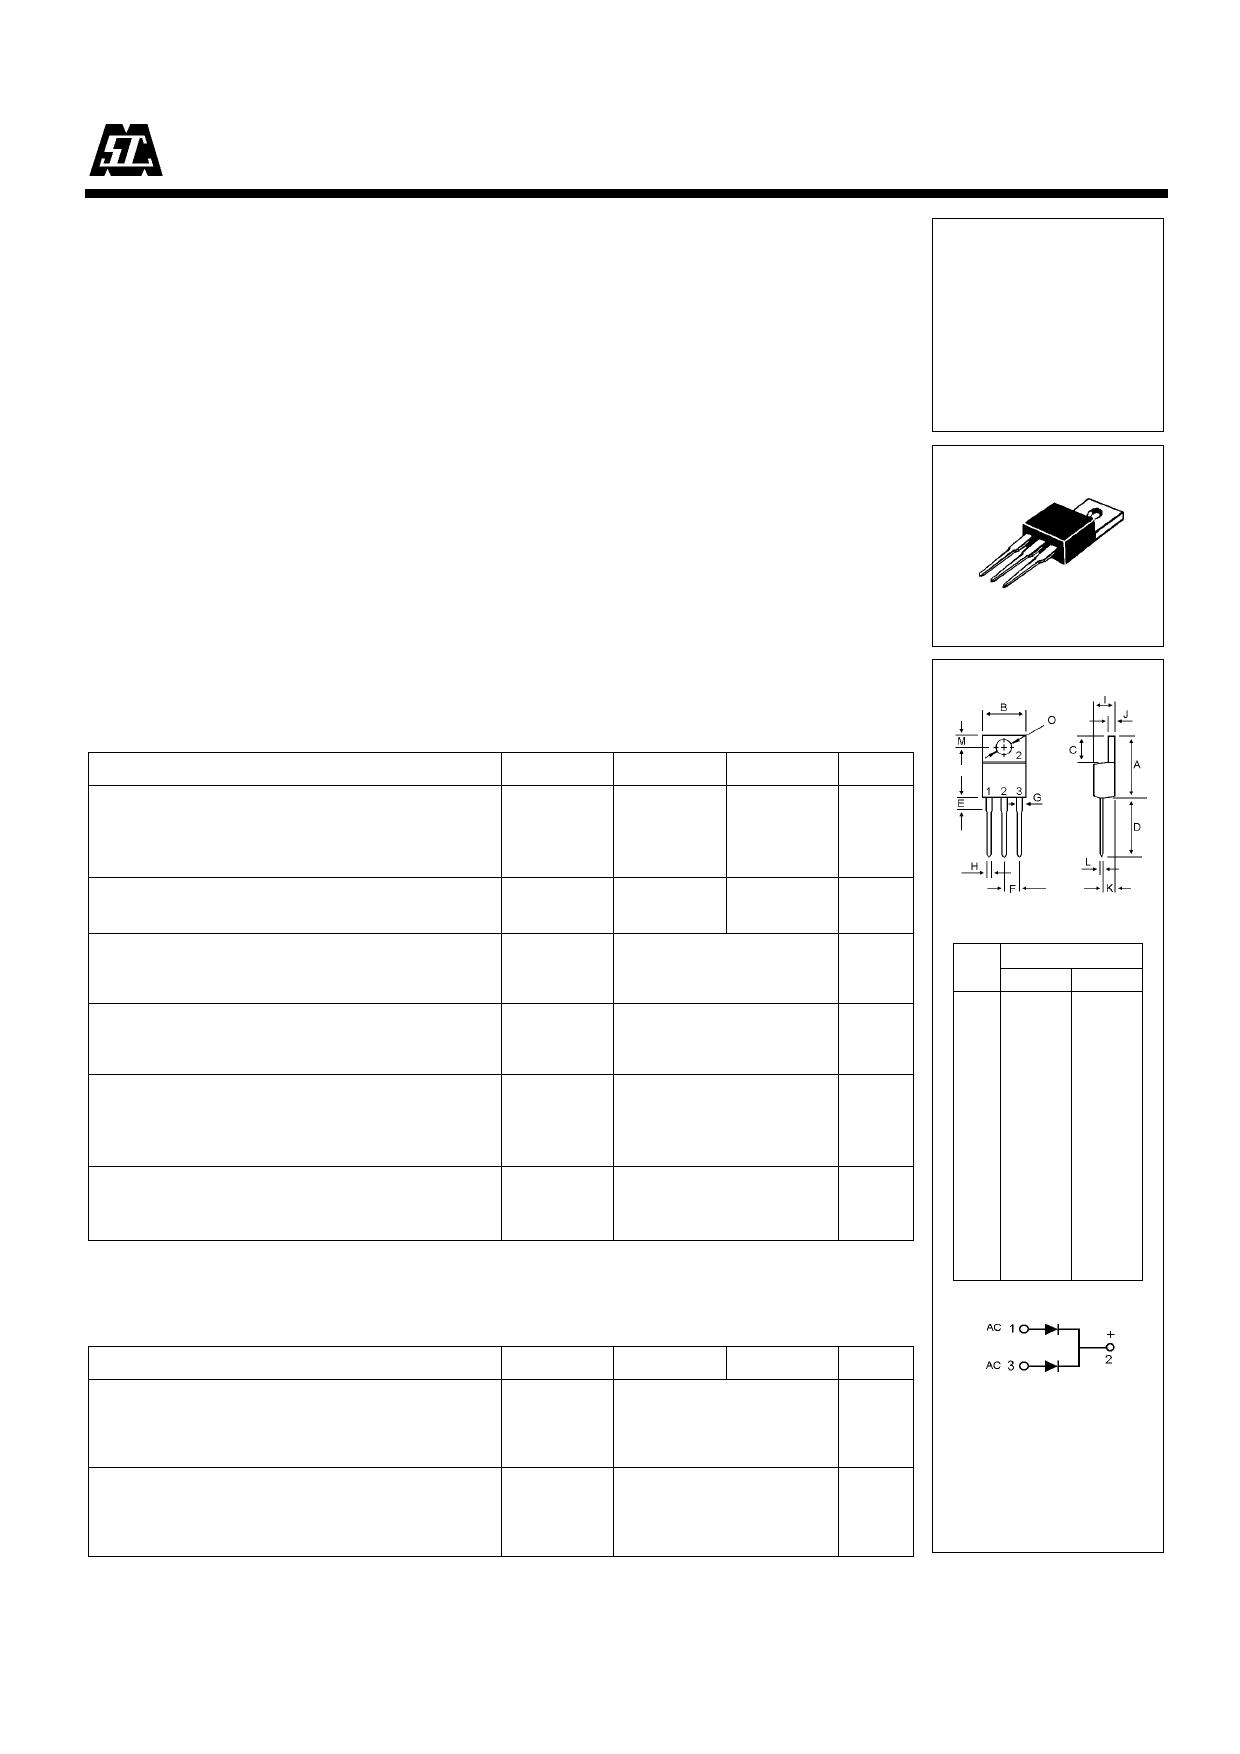 S30C100C datasheet